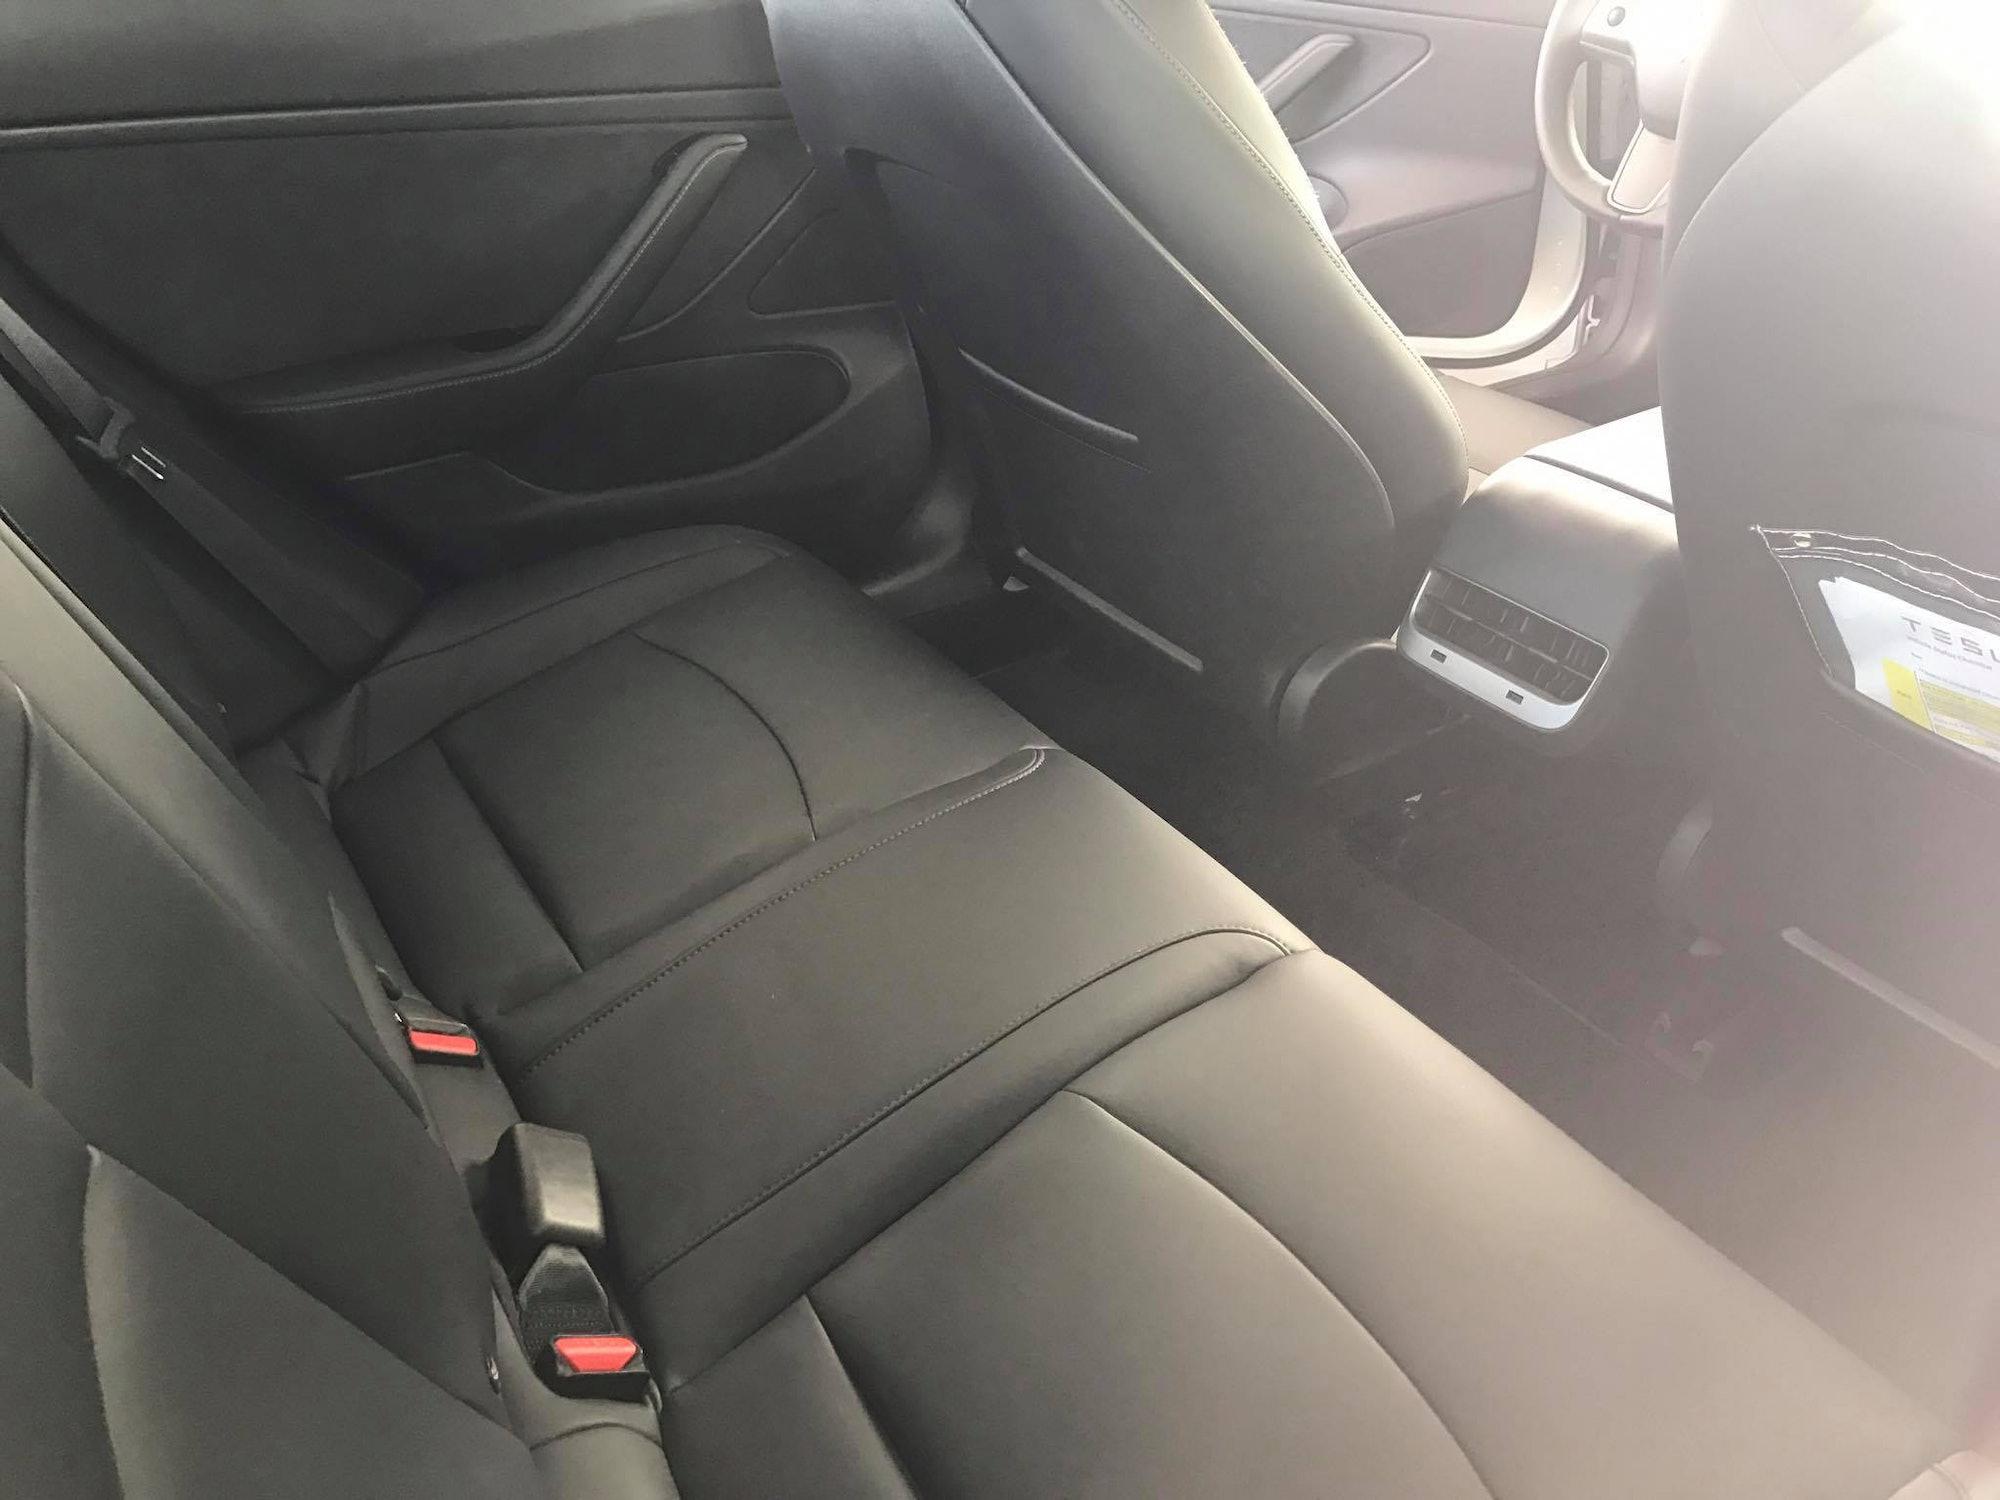 The Model 3's side doors